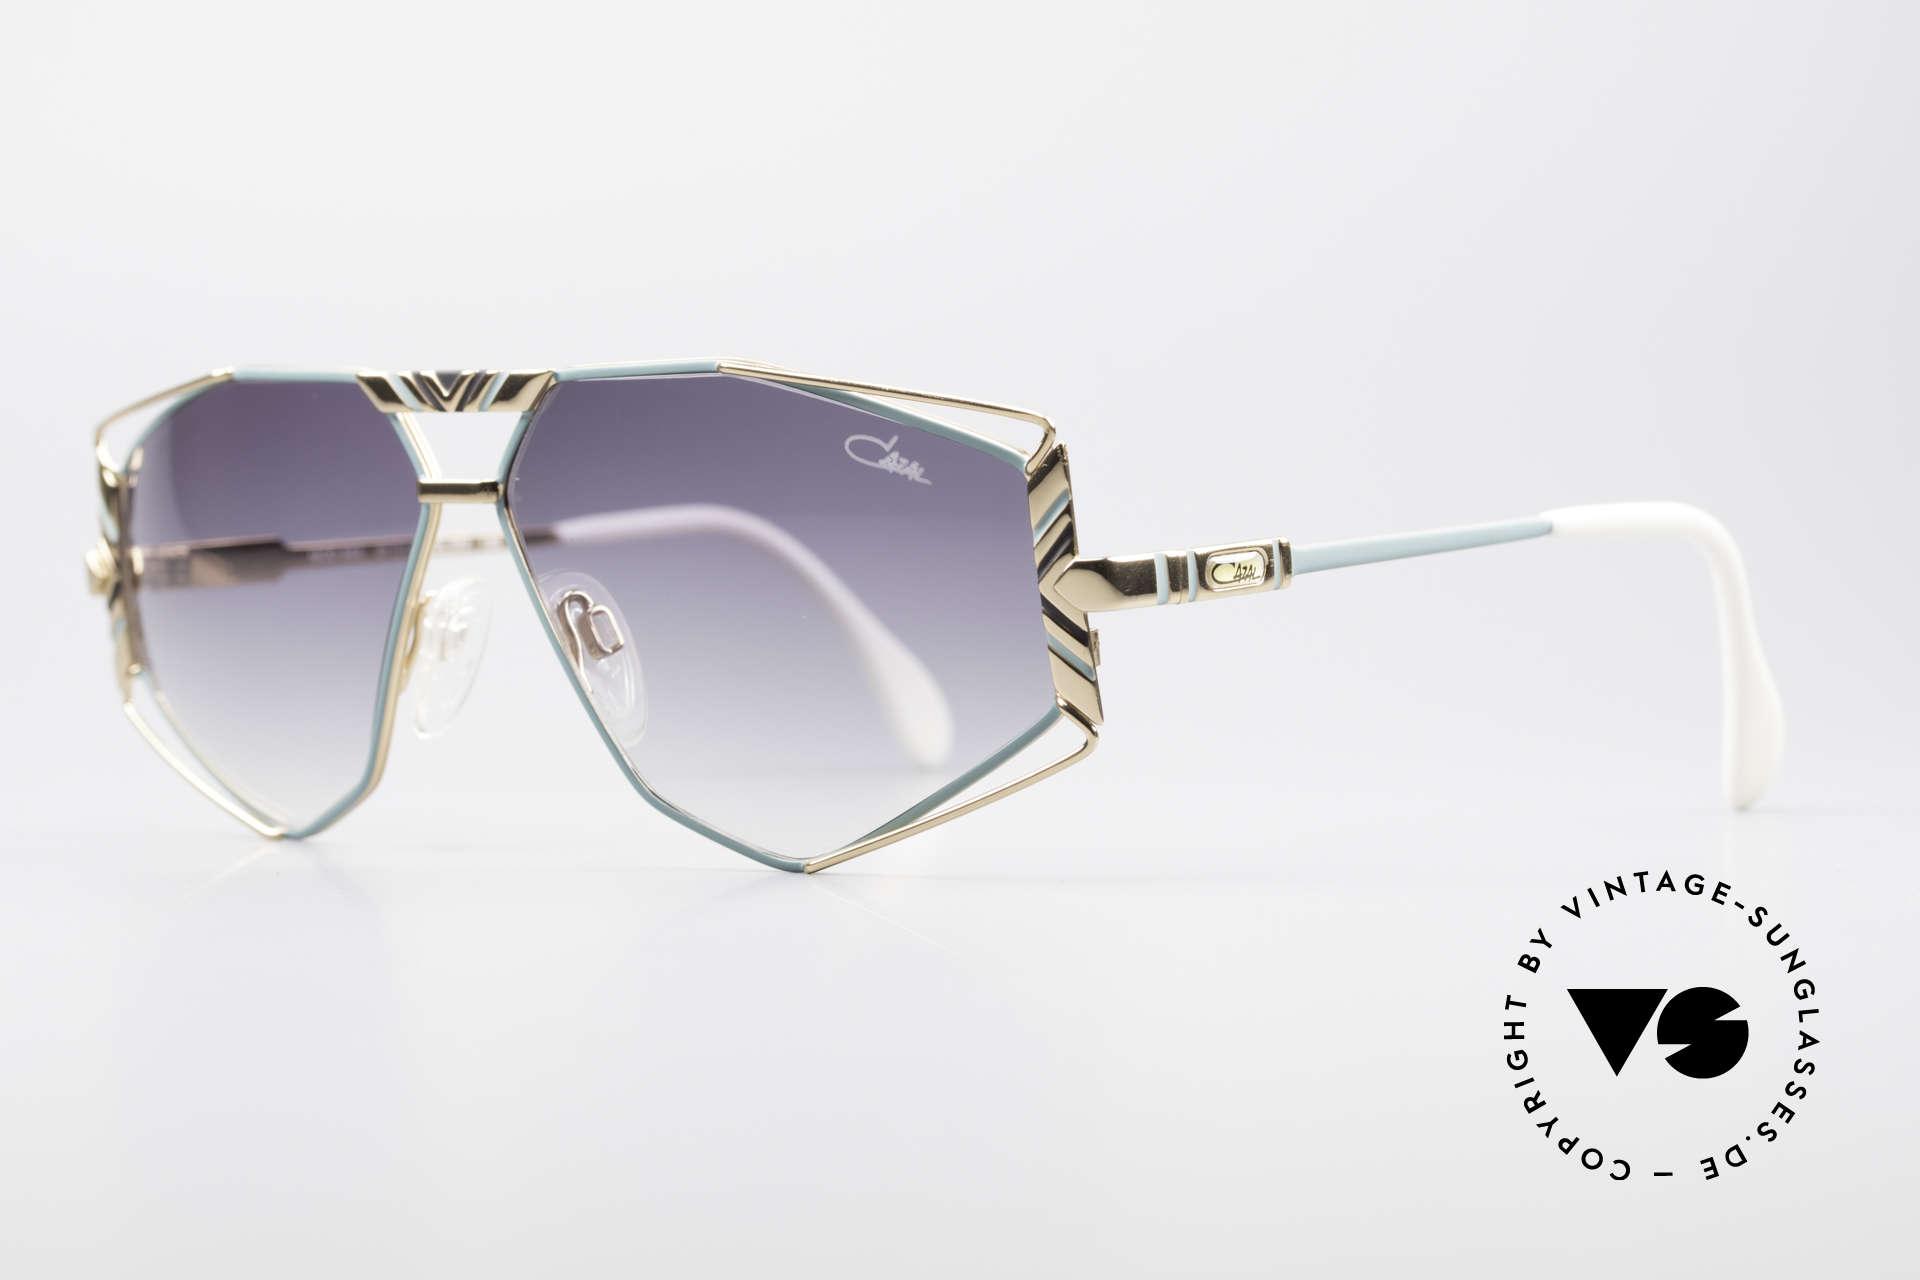 Cazal 956 Cari Zalloni Vintage Shades, rare designer piece by CAri ZALloni (Mr. CAZAL), Made for Men and Women